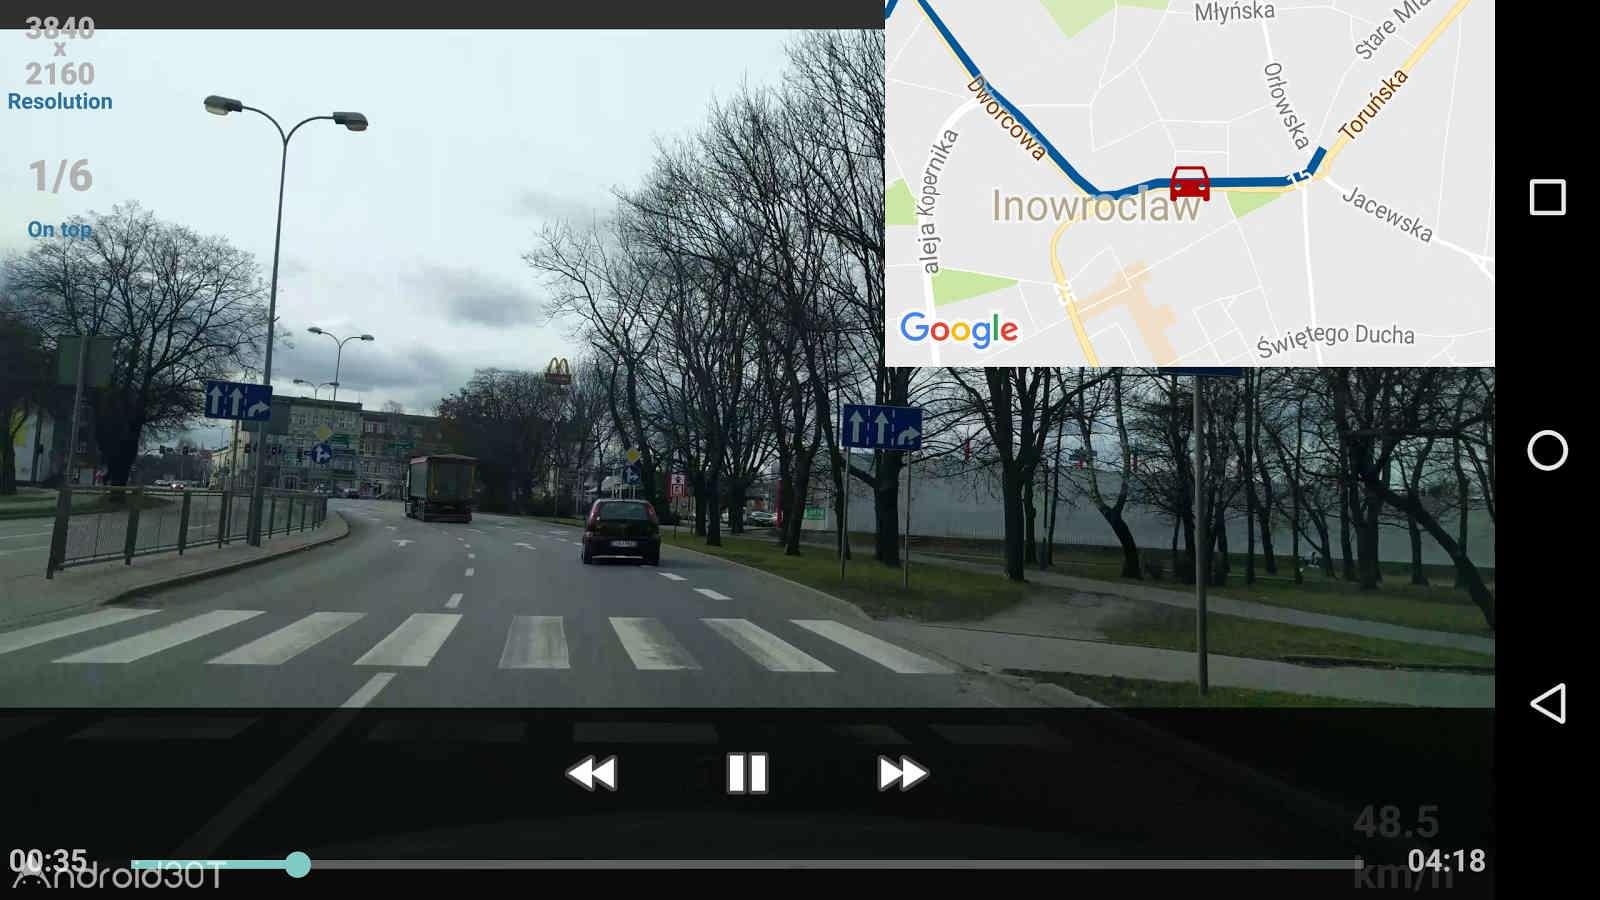 دانلود Car Camera 1.4.5 – برنامه دوربین داشبورد ماشین اندروید